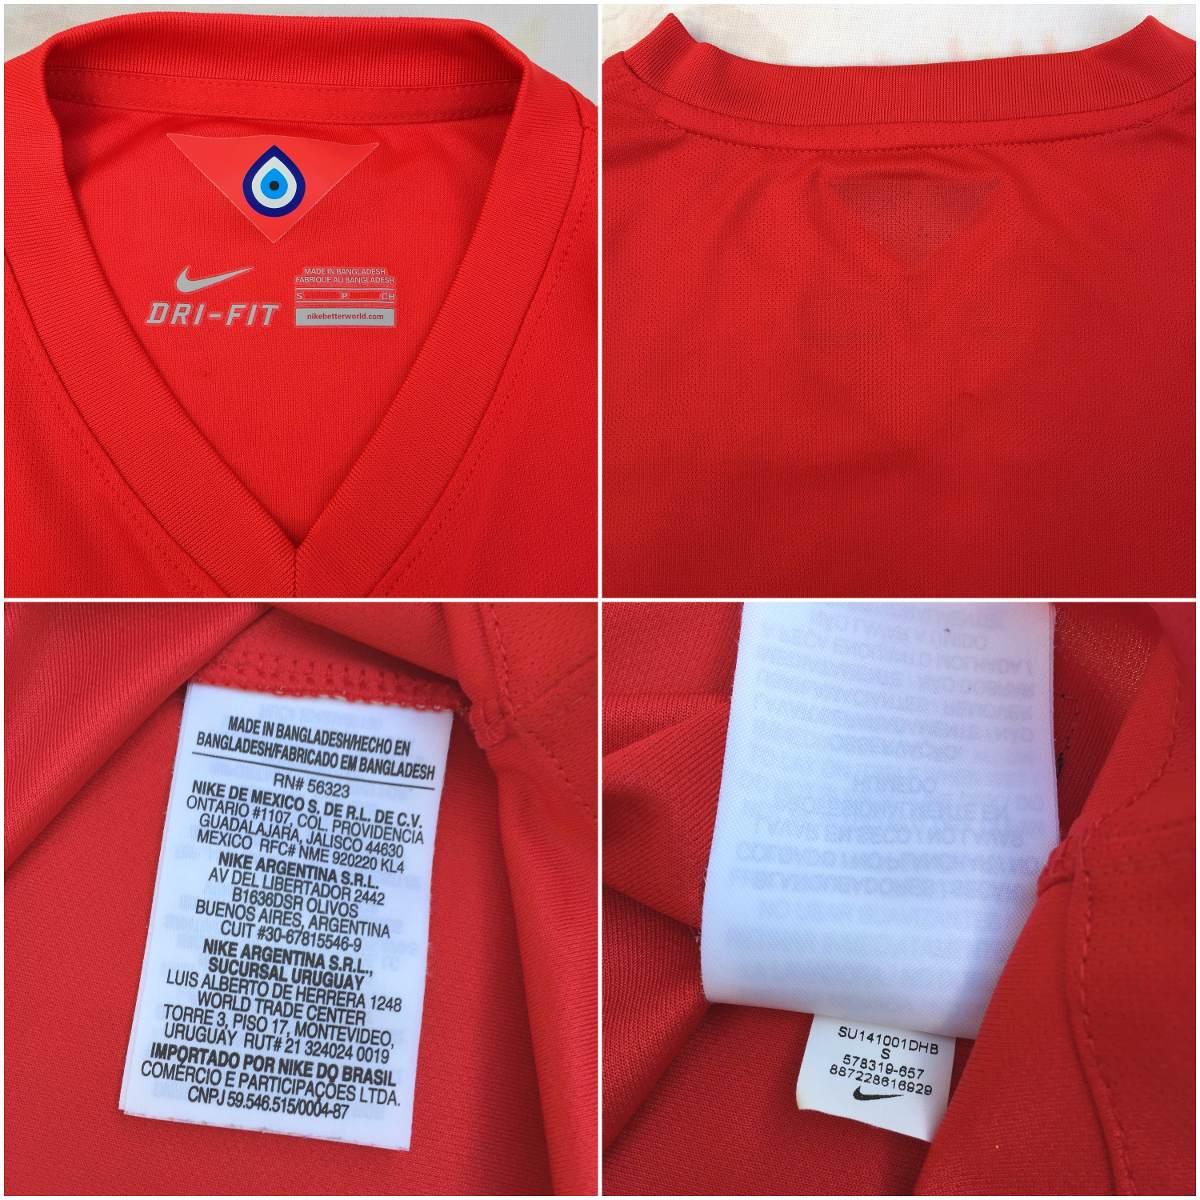 578319-657 camisa nike turquia home 2014 p fn1608. Carregando zoom. 79df0ae944569